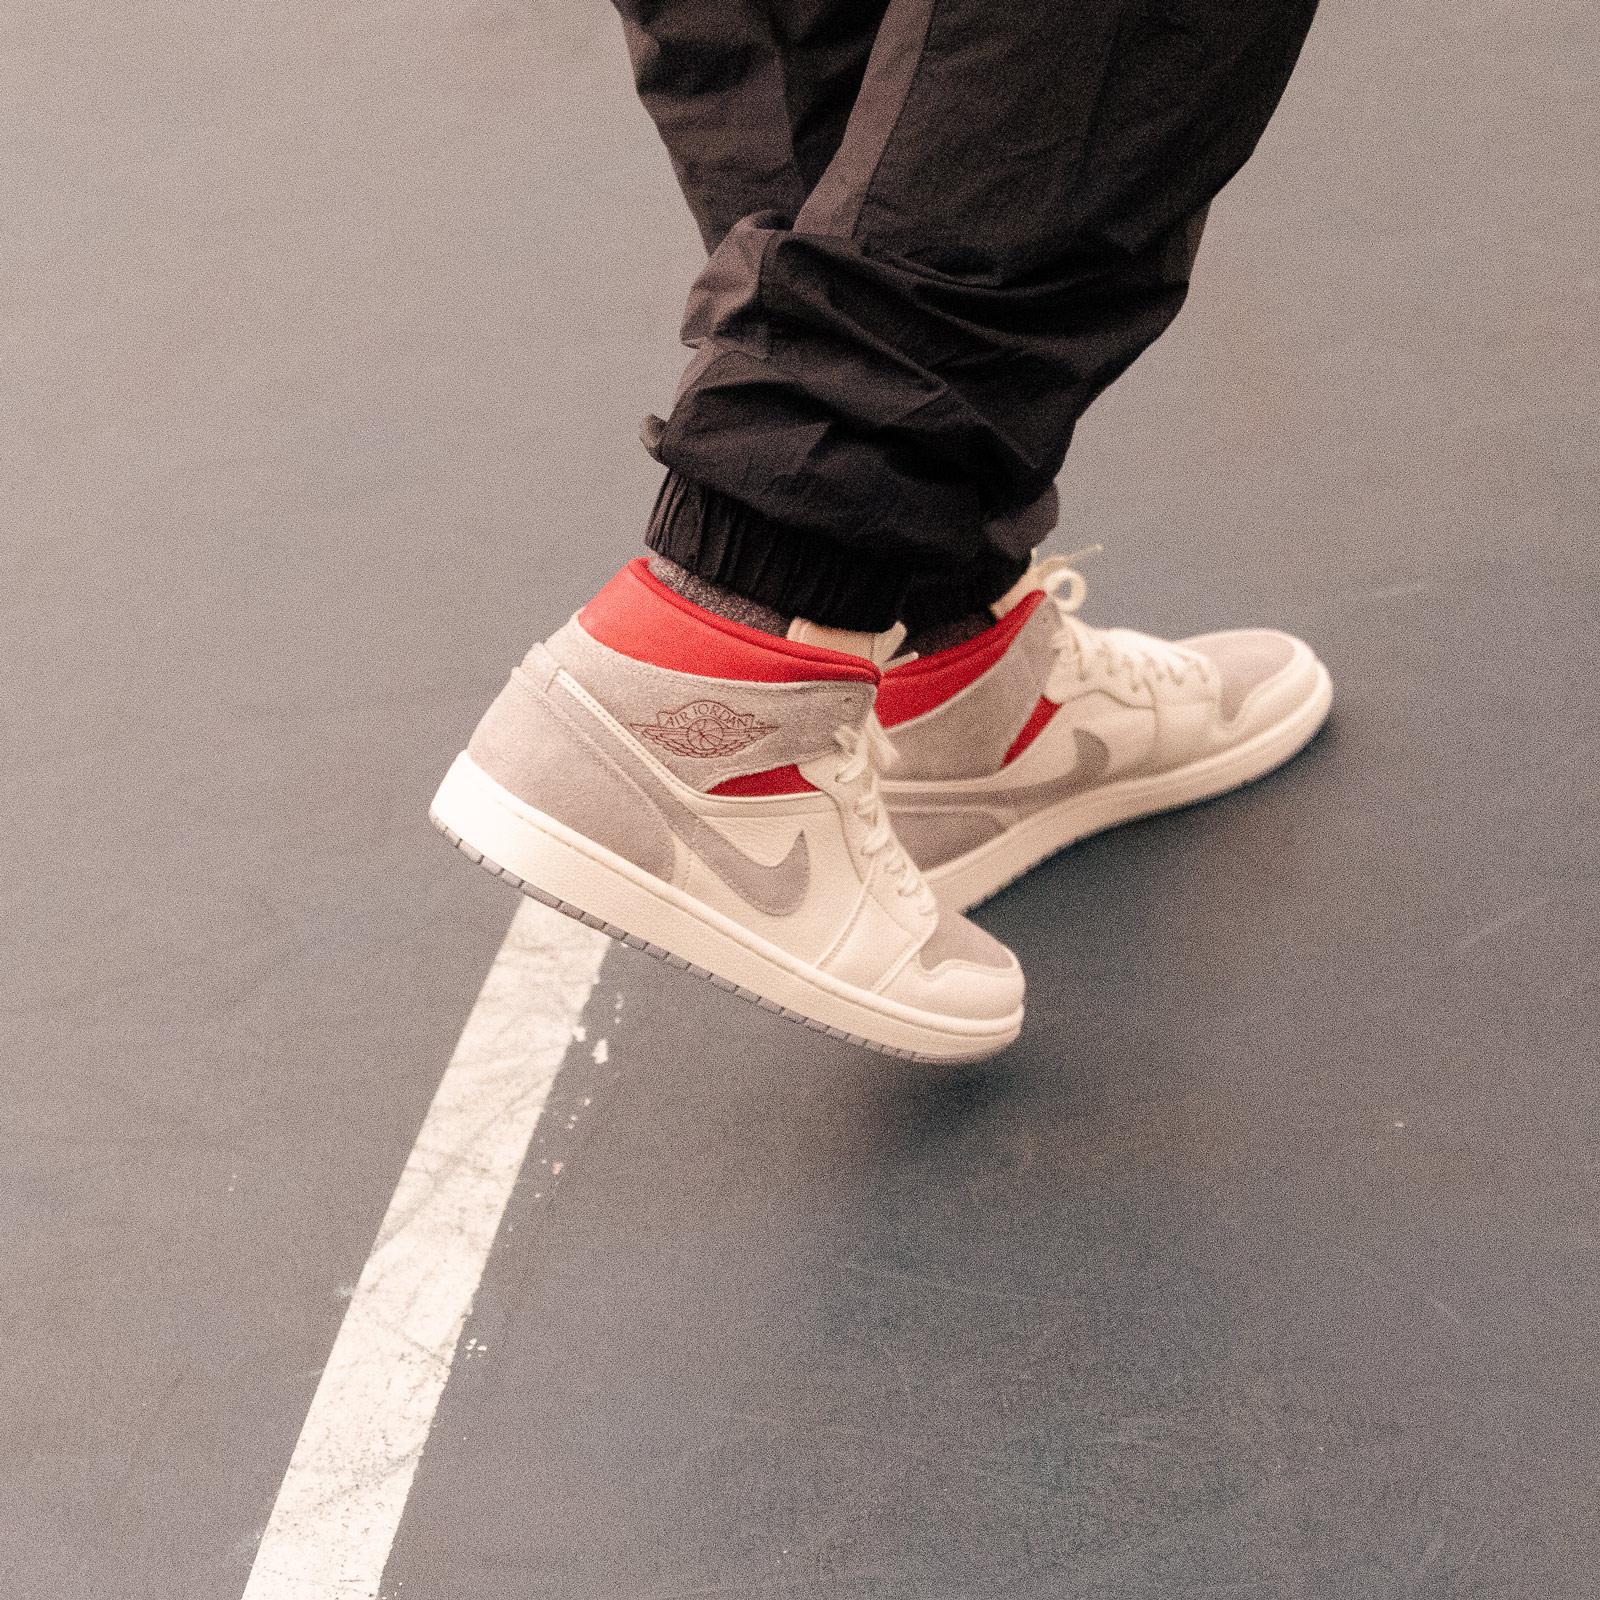 Jordan Brand Air Jordan 1 Mid Premium Sneakersnstuff Exclusive ...